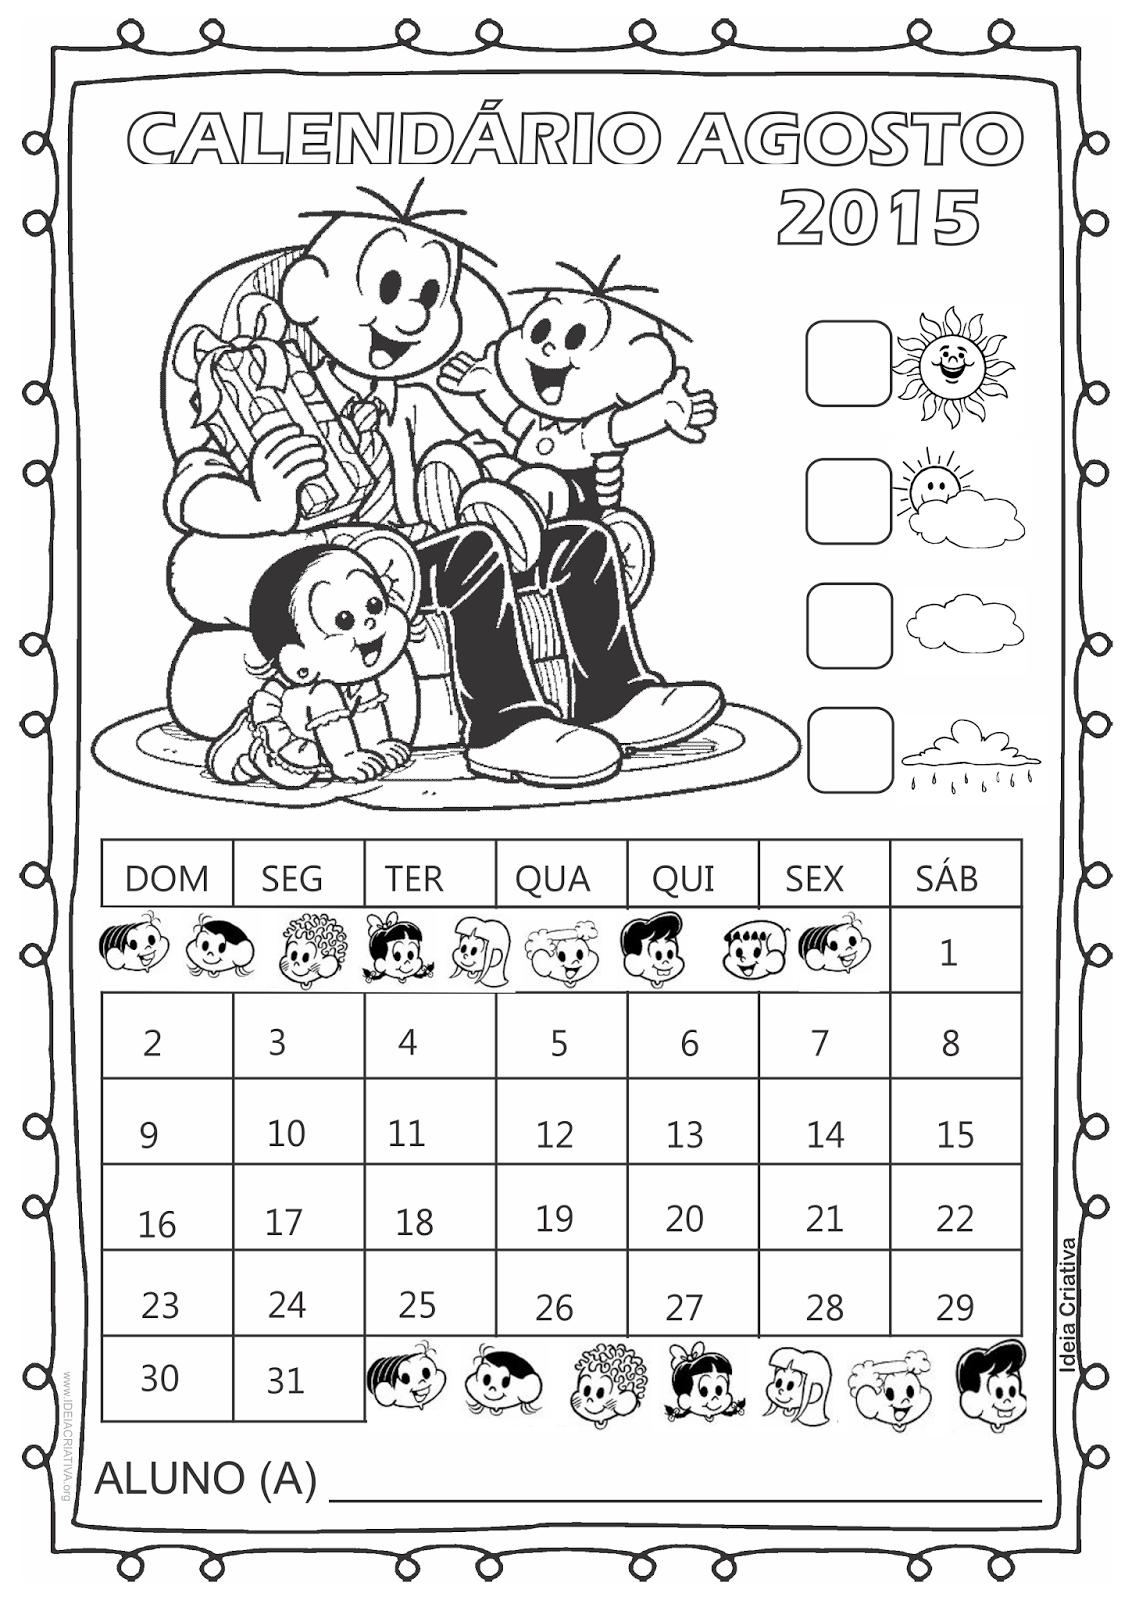 Calendário Turma da Mônica 2015 para Imprimir Grátis Agosto Dia dos pais